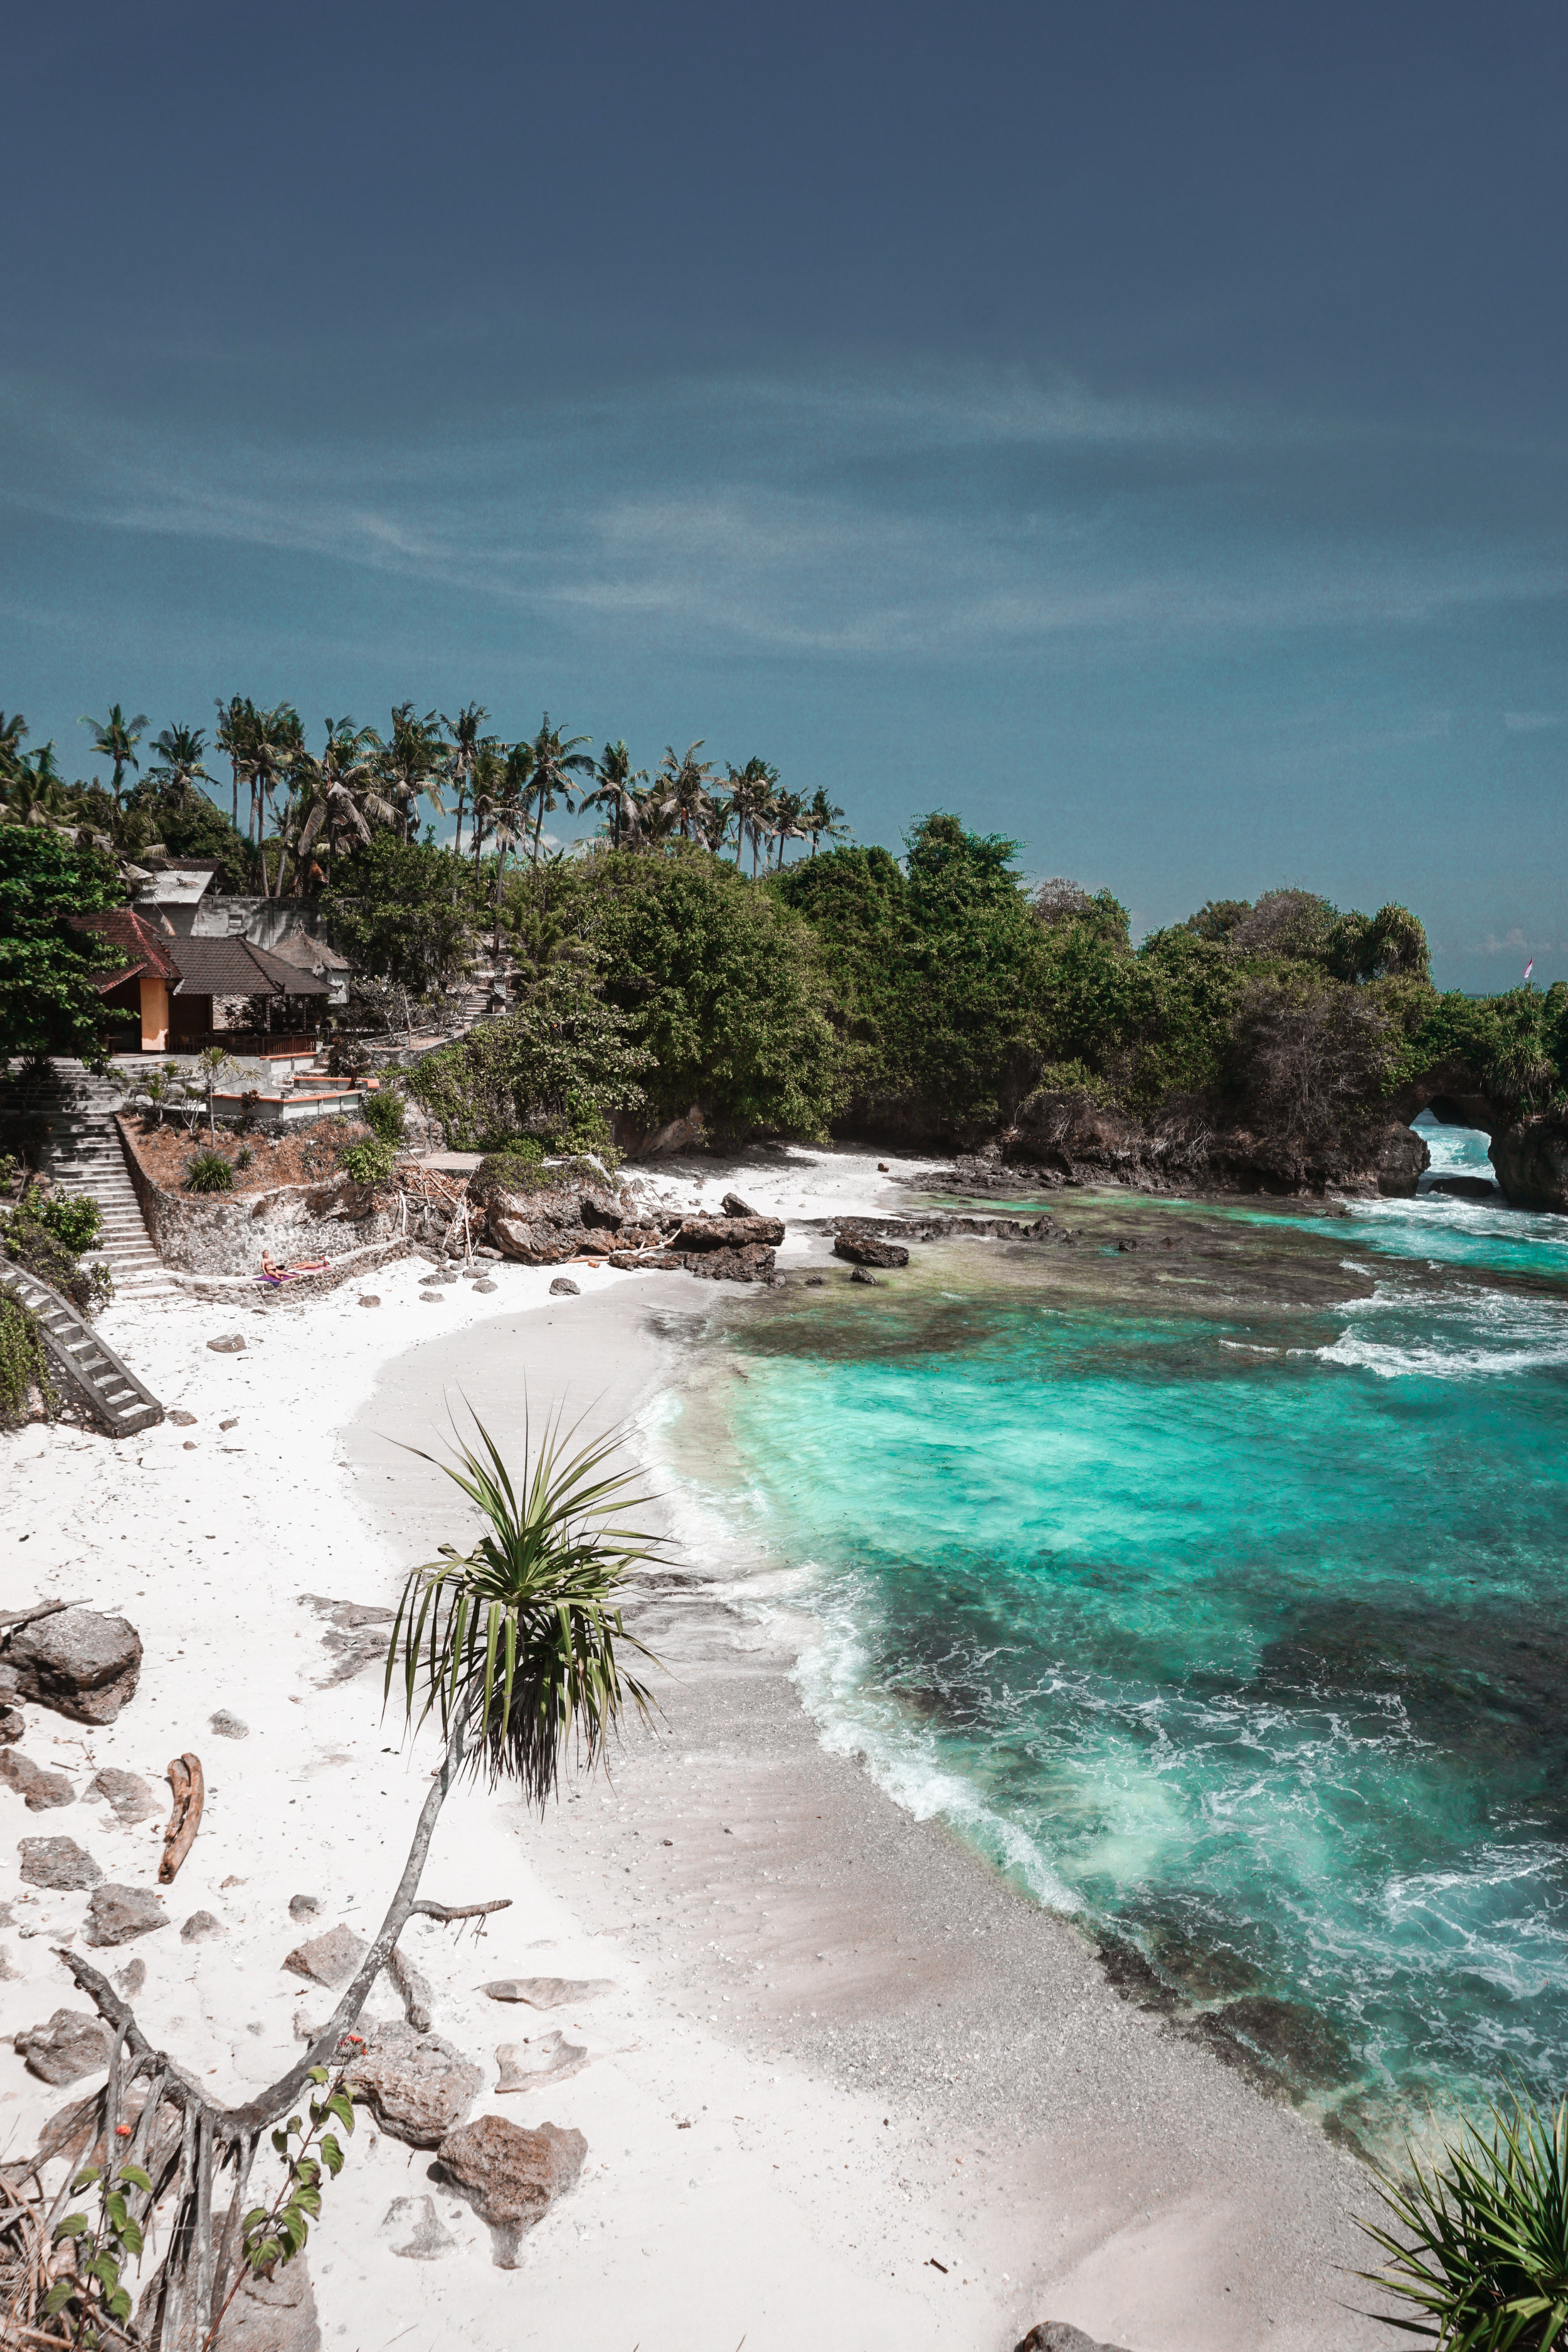 Bali - Nusa Ceningan